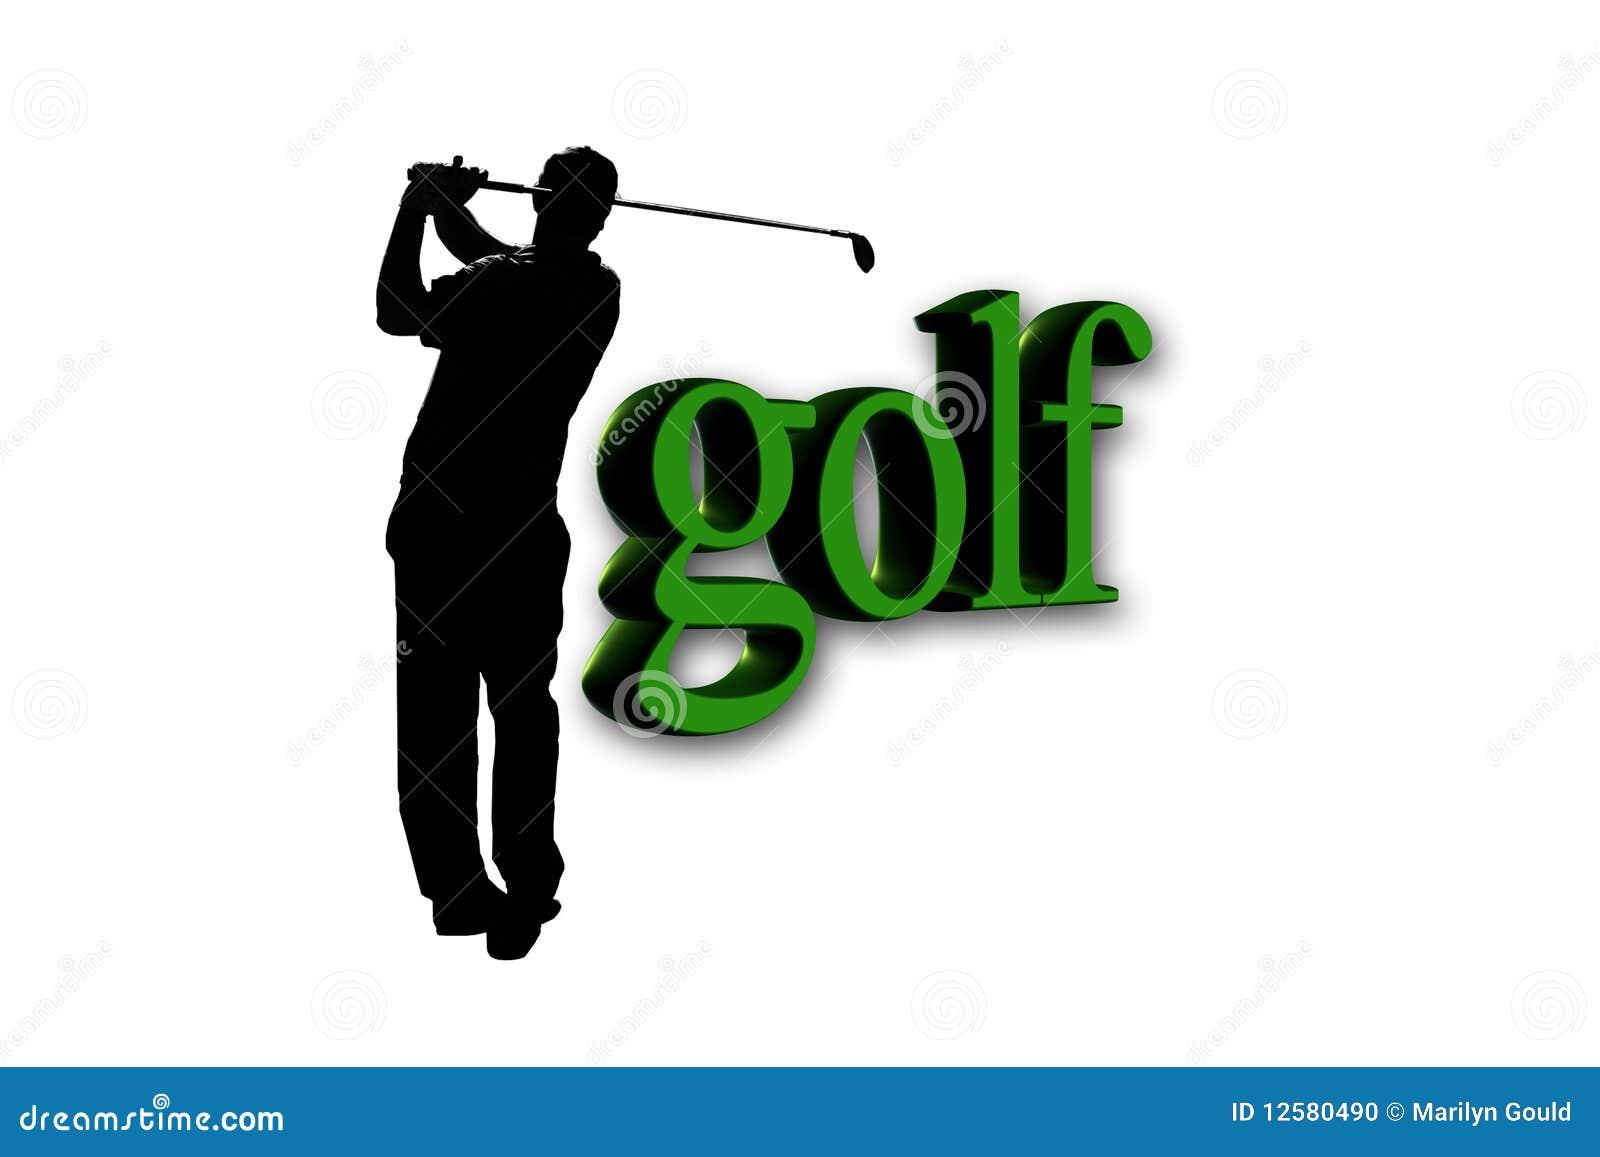 Golfspieler - Golftext